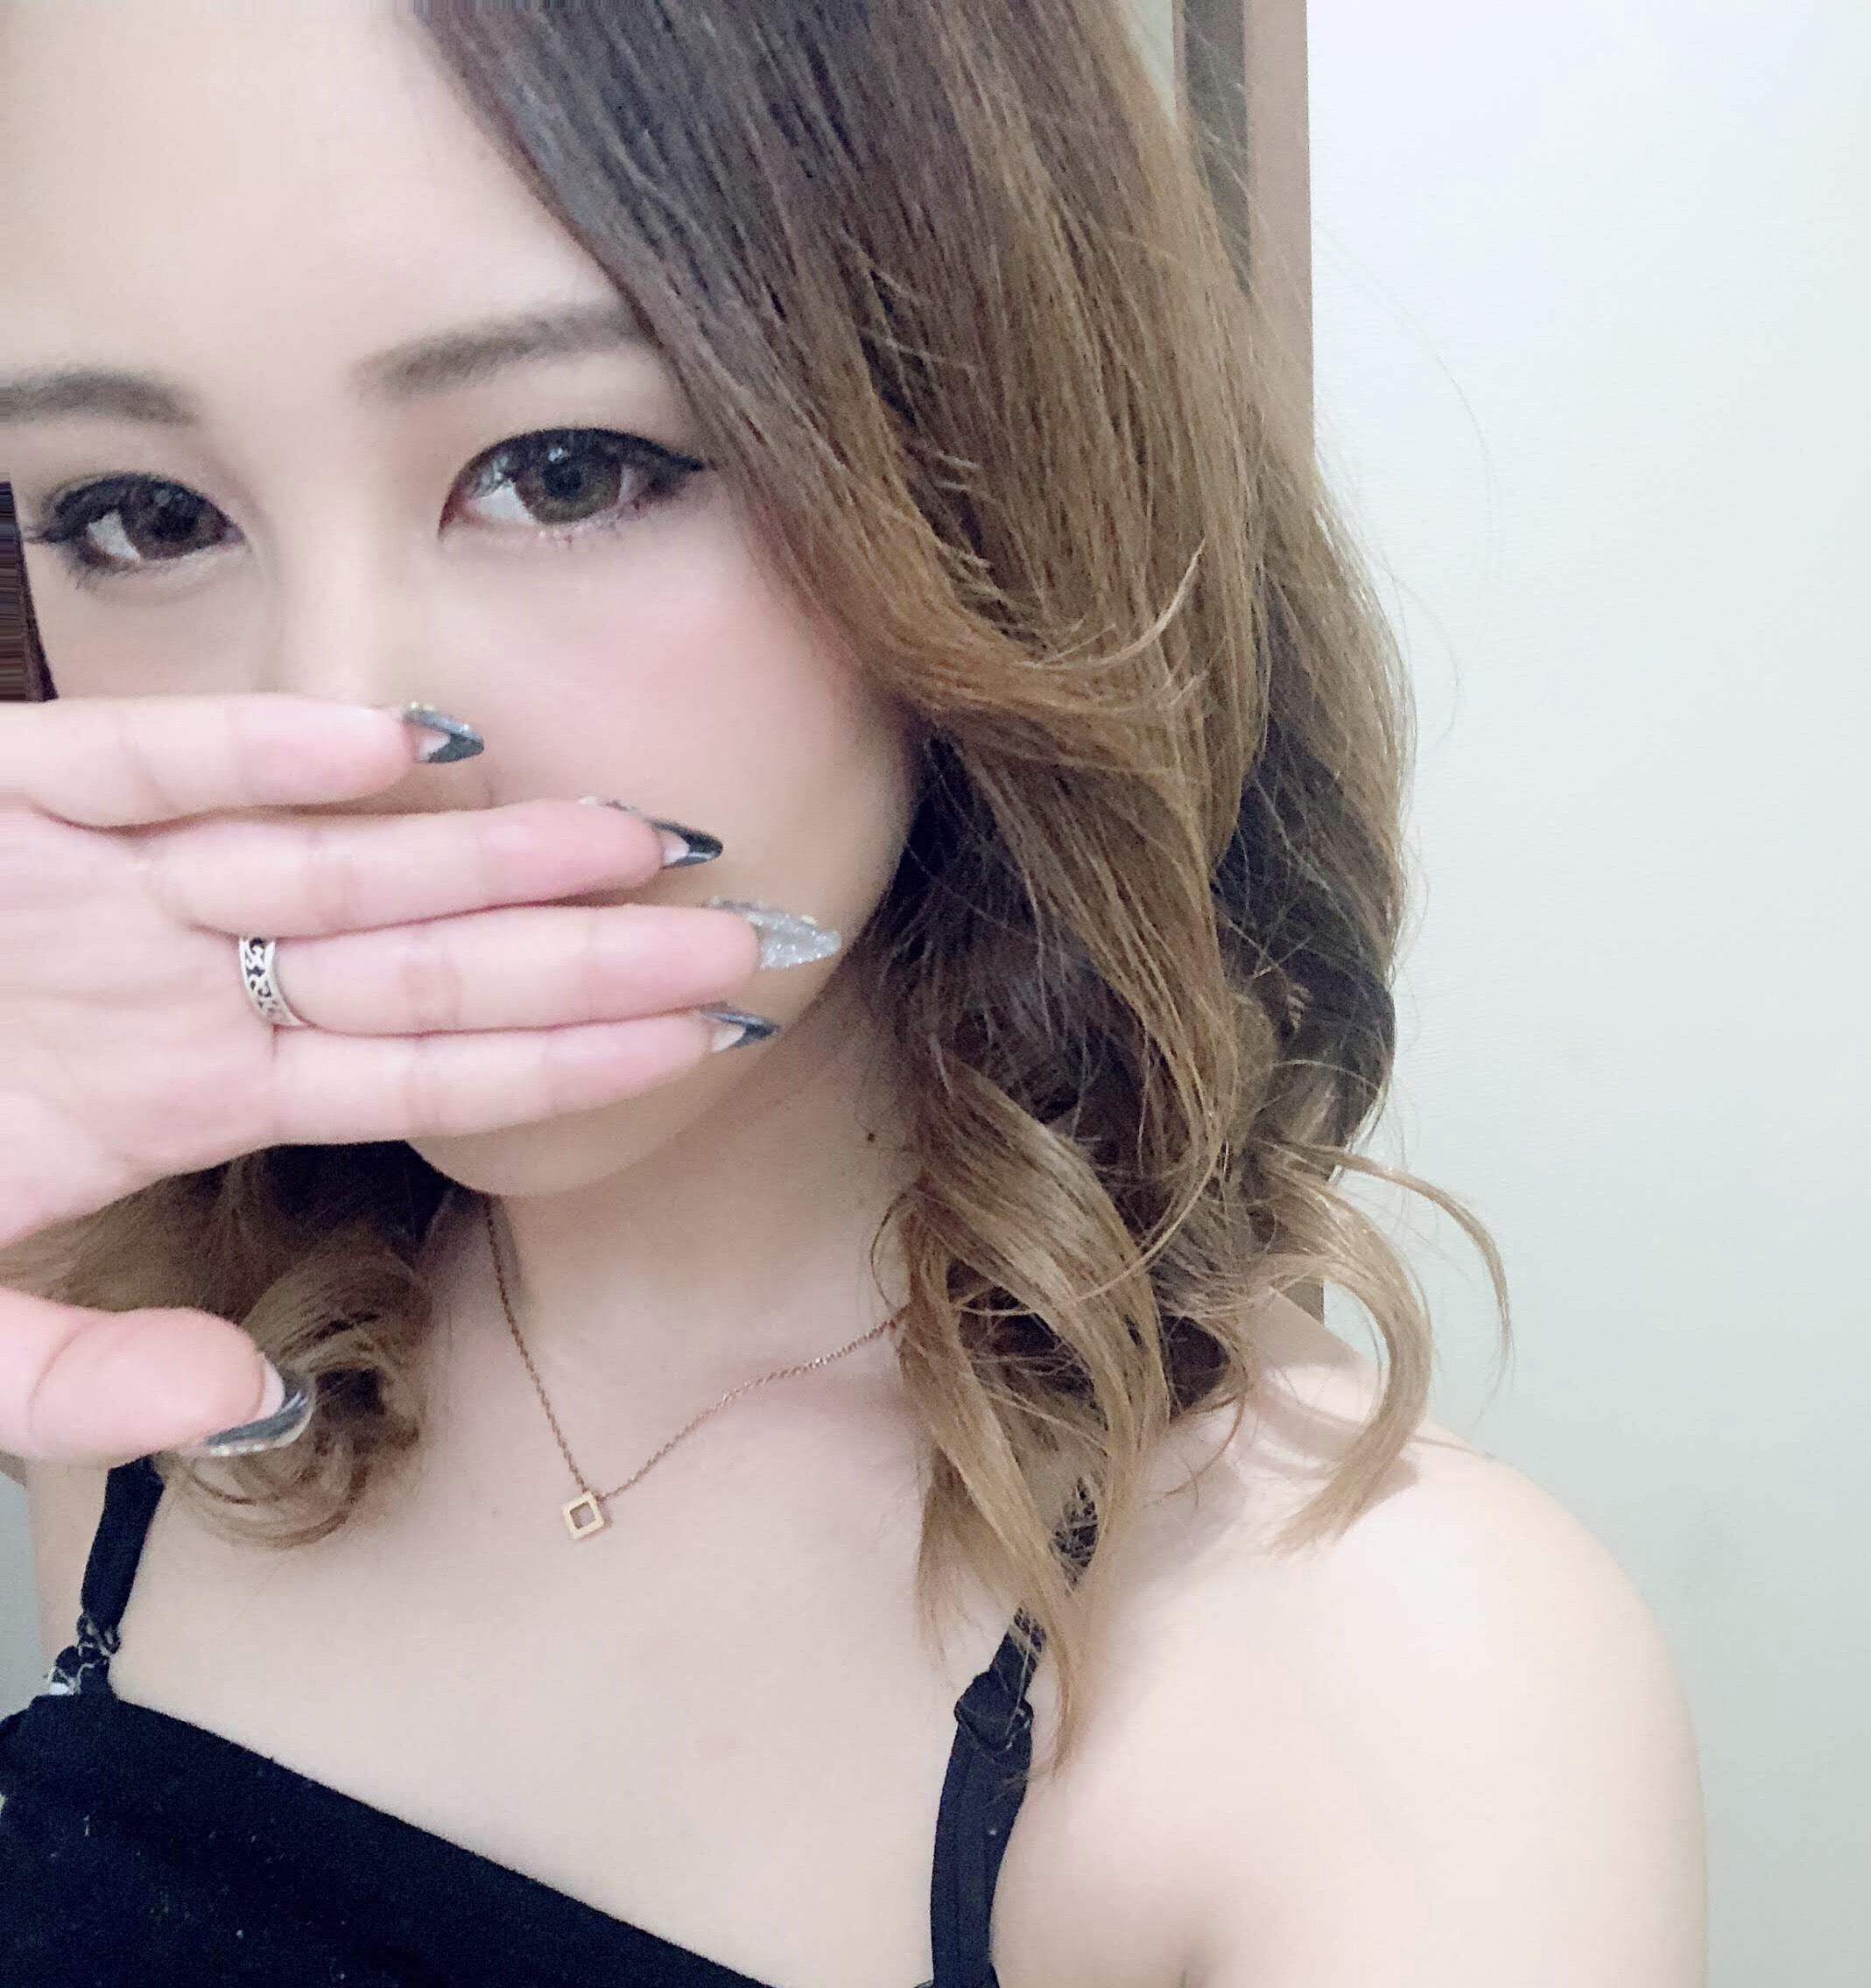 「お礼♪」08/23(08/23) 00:57 | 杏/あんずの写メ・風俗動画